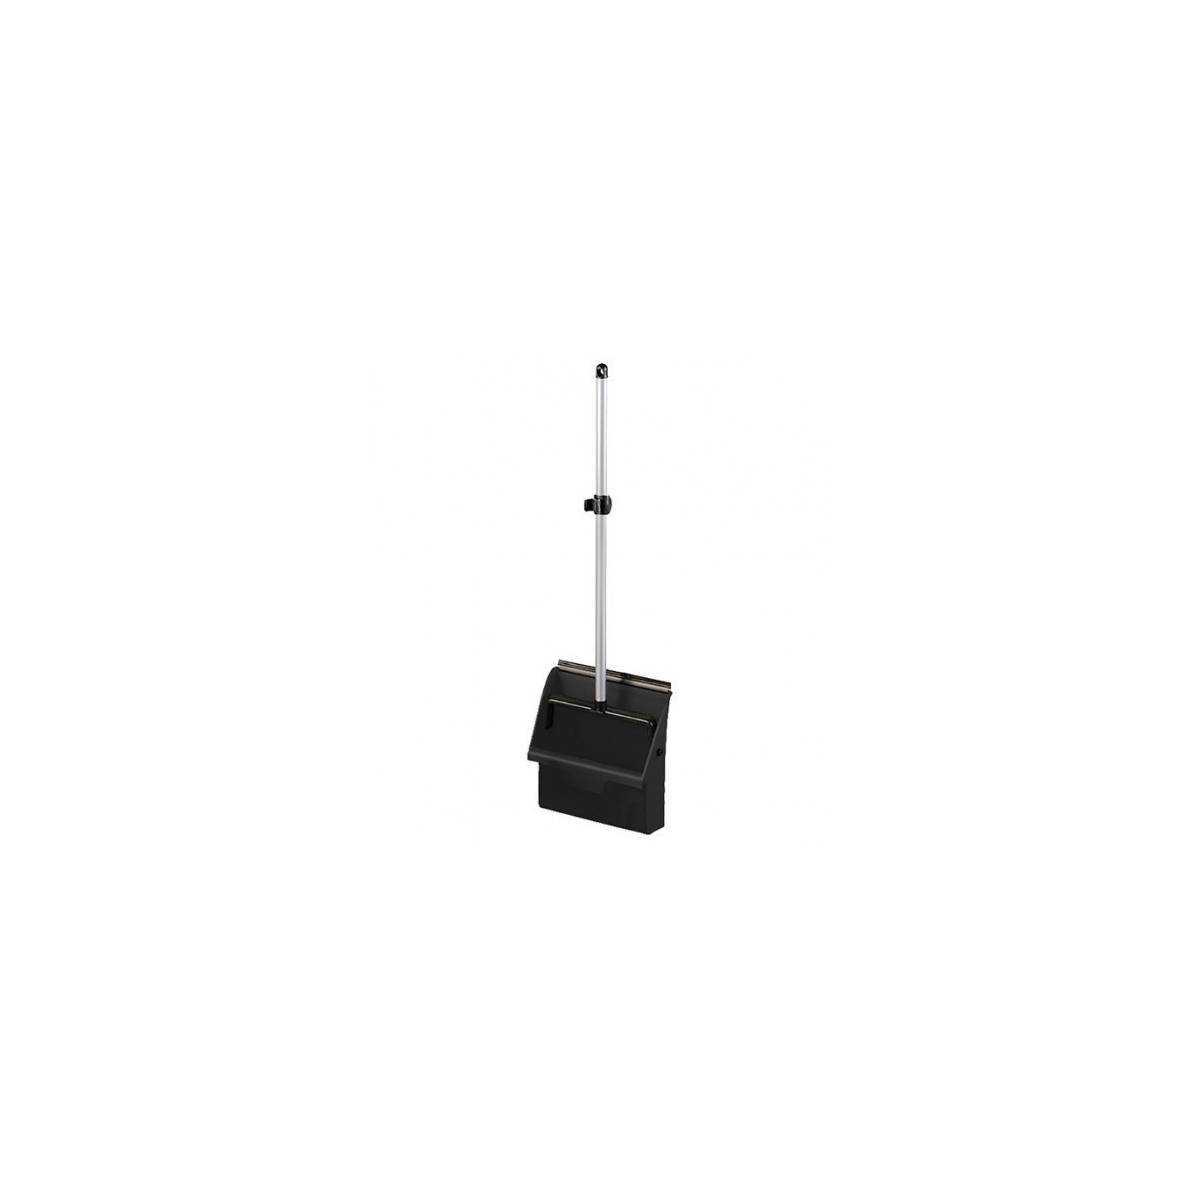 Пластиковый совок с алюминиевой ручкой Clip черный 00005616 TTS